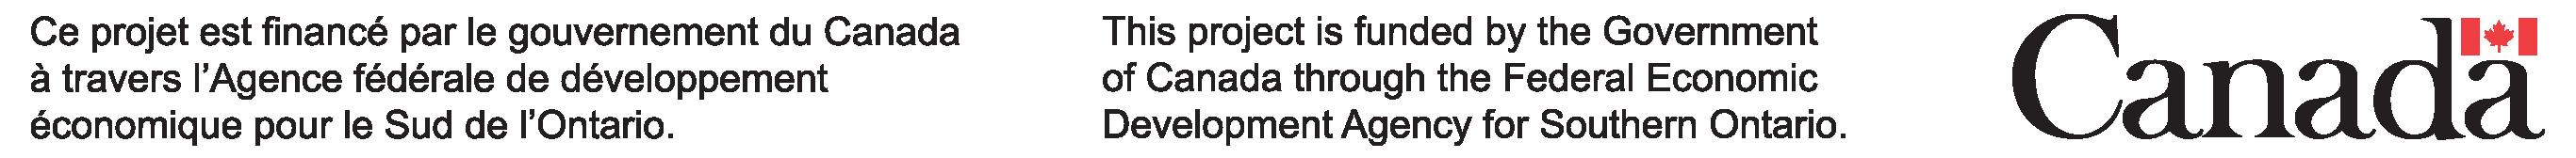 Ce projet est financé par le gouvernement du Canada à travers l'Agence fédérale de développment économic pour le Sud de L'Ontario